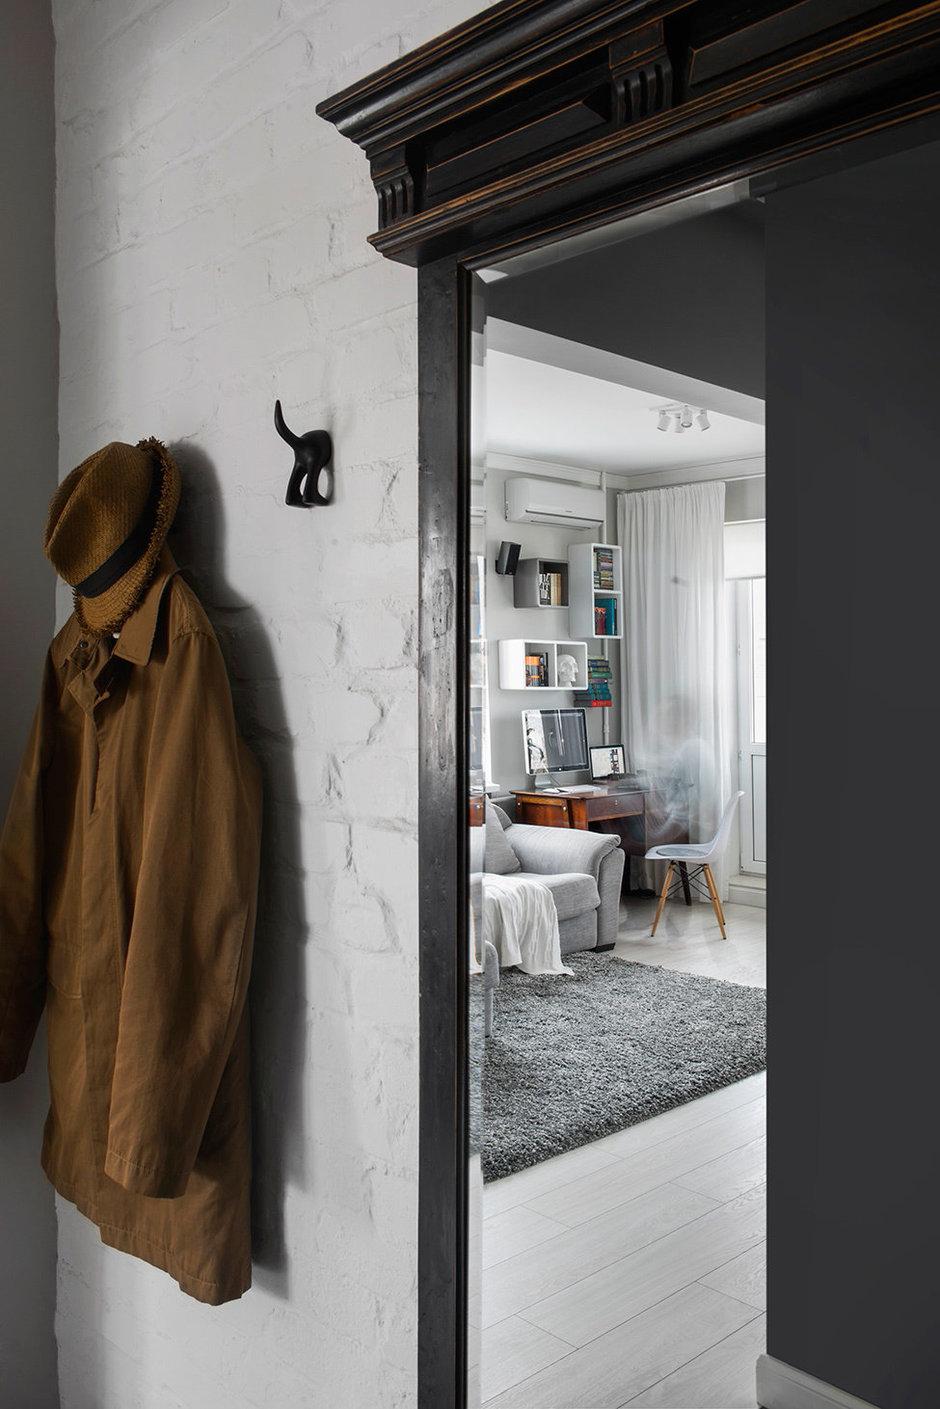 Фотография: Прихожая в стиле Скандинавский, Малогабаритная квартира, Квартира, Дома и квартиры, IKEA, Проект недели, Хрущевка – фото на InMyRoom.ru